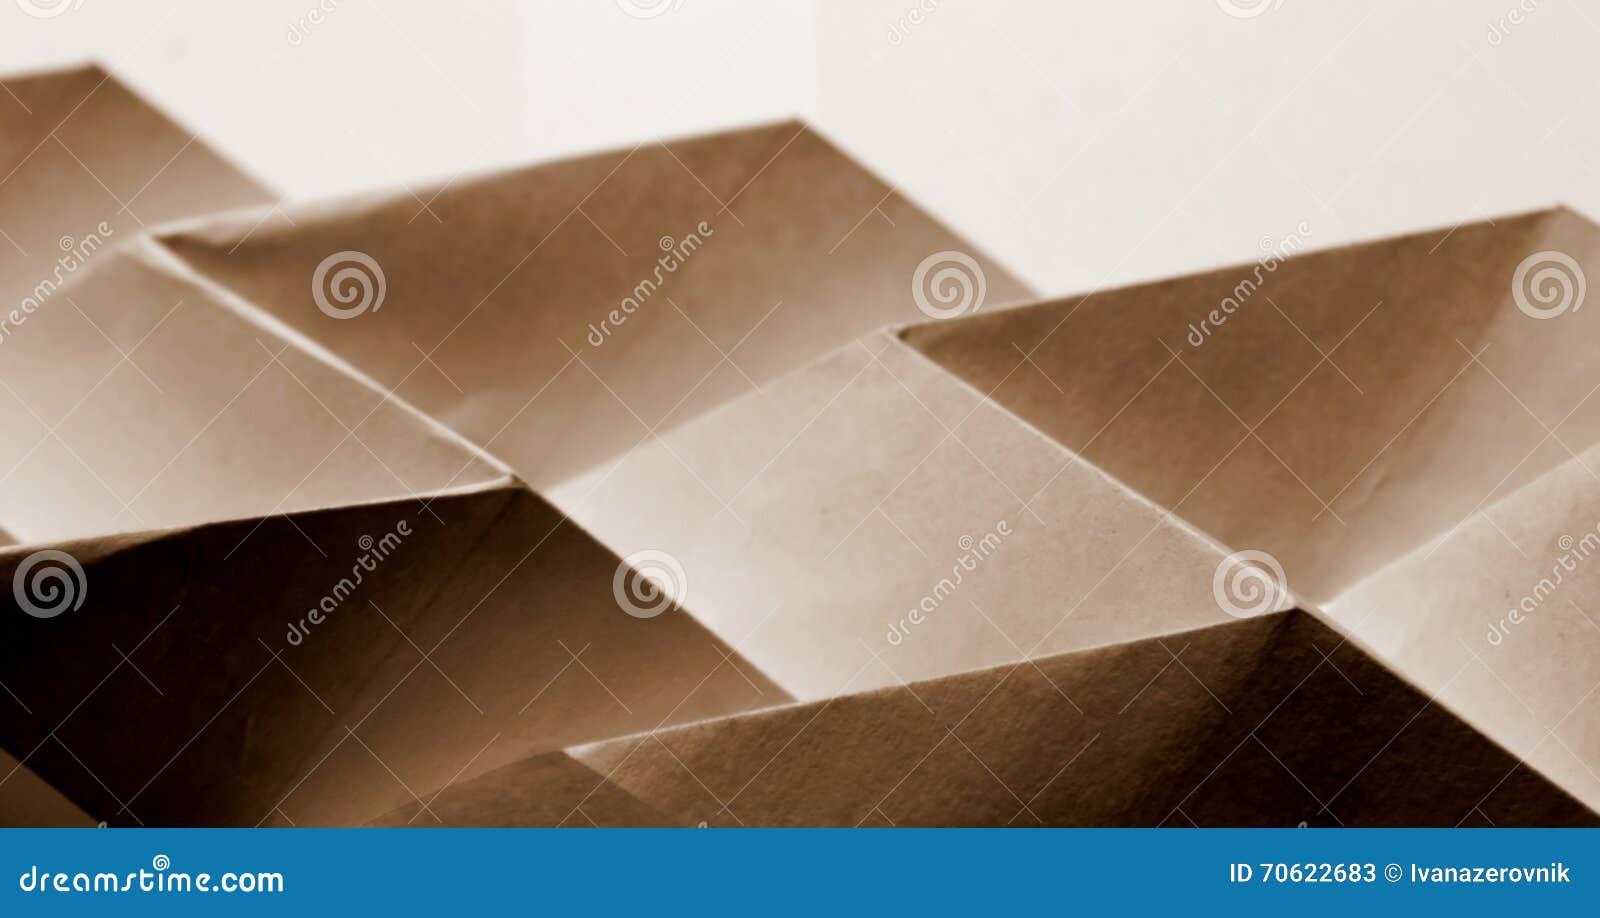 Résumé de papier plié